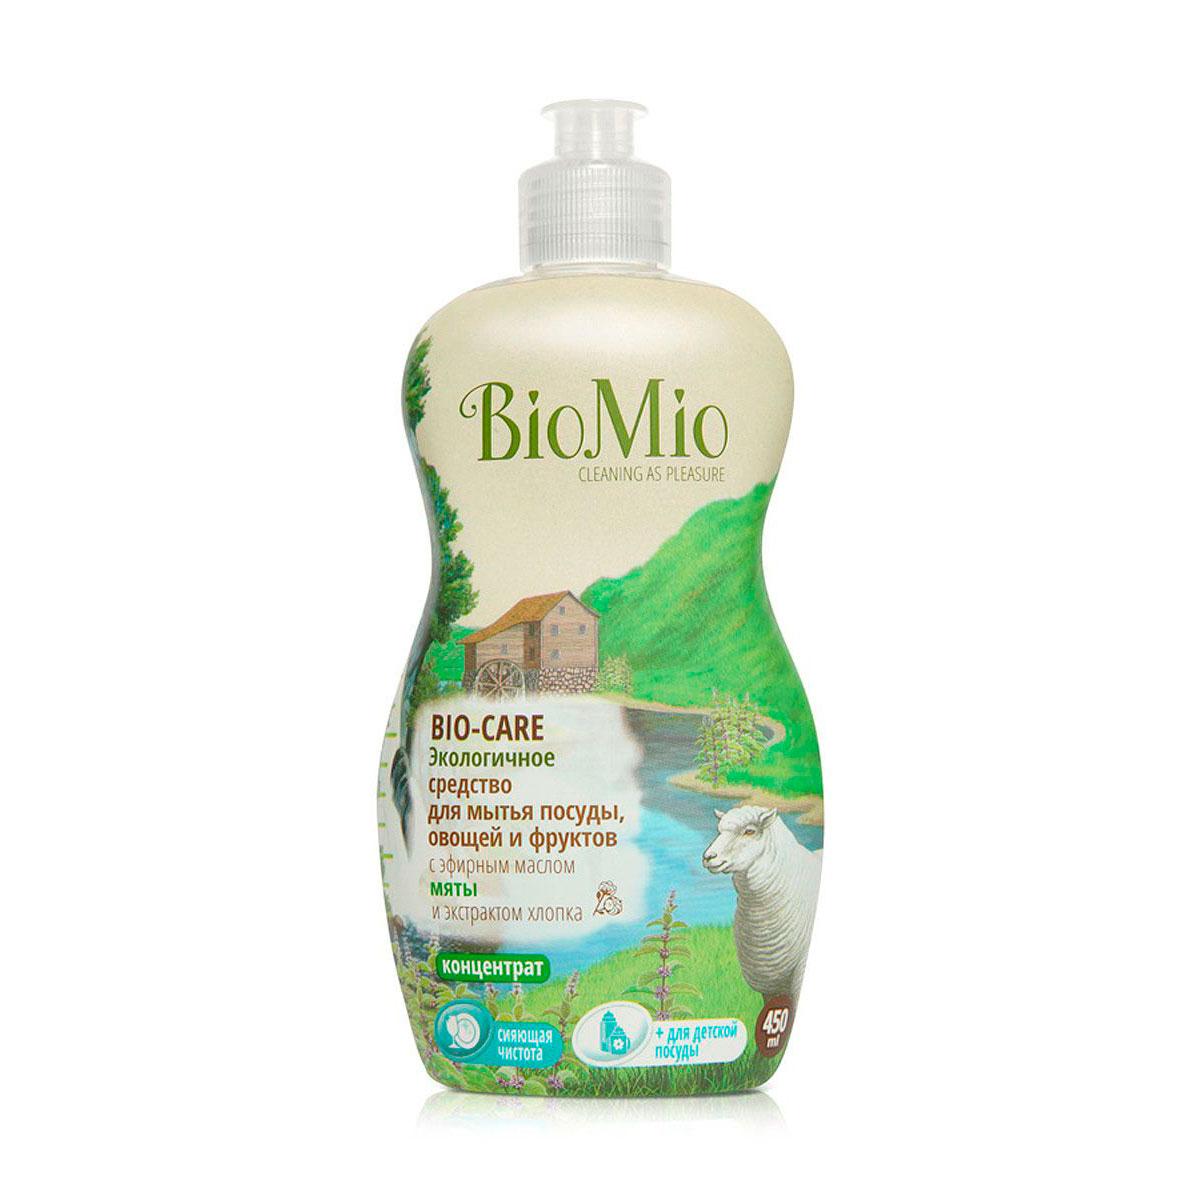 Экологичное средство для мытья посуды овощей и фруктов BioMio 450 мл. с эфирным маслом мяты экстрактом хлопка и ионами серебра 450 мл<br>